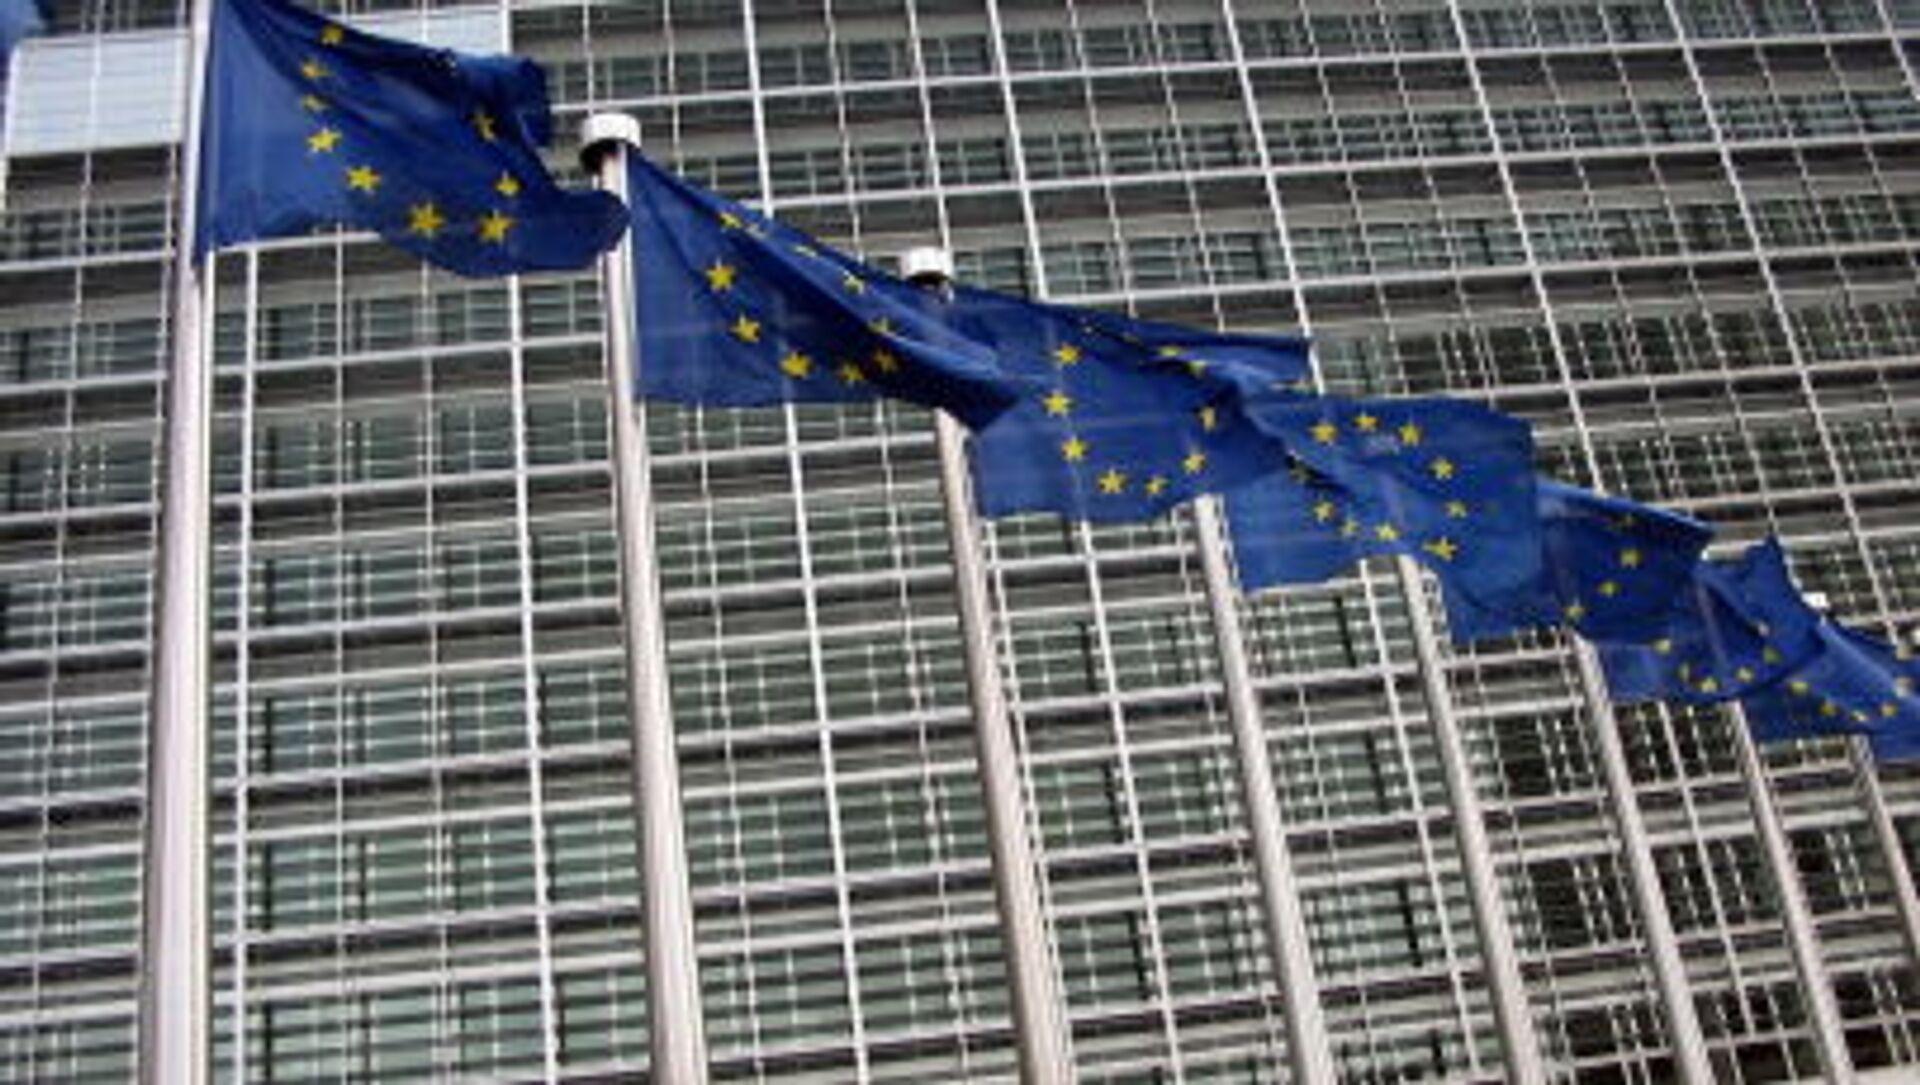 Những lá cờ của EU trên tòa nhà trụ sở Ủy ban châu Âu - Sputnik Việt Nam, 1920, 29.04.2021